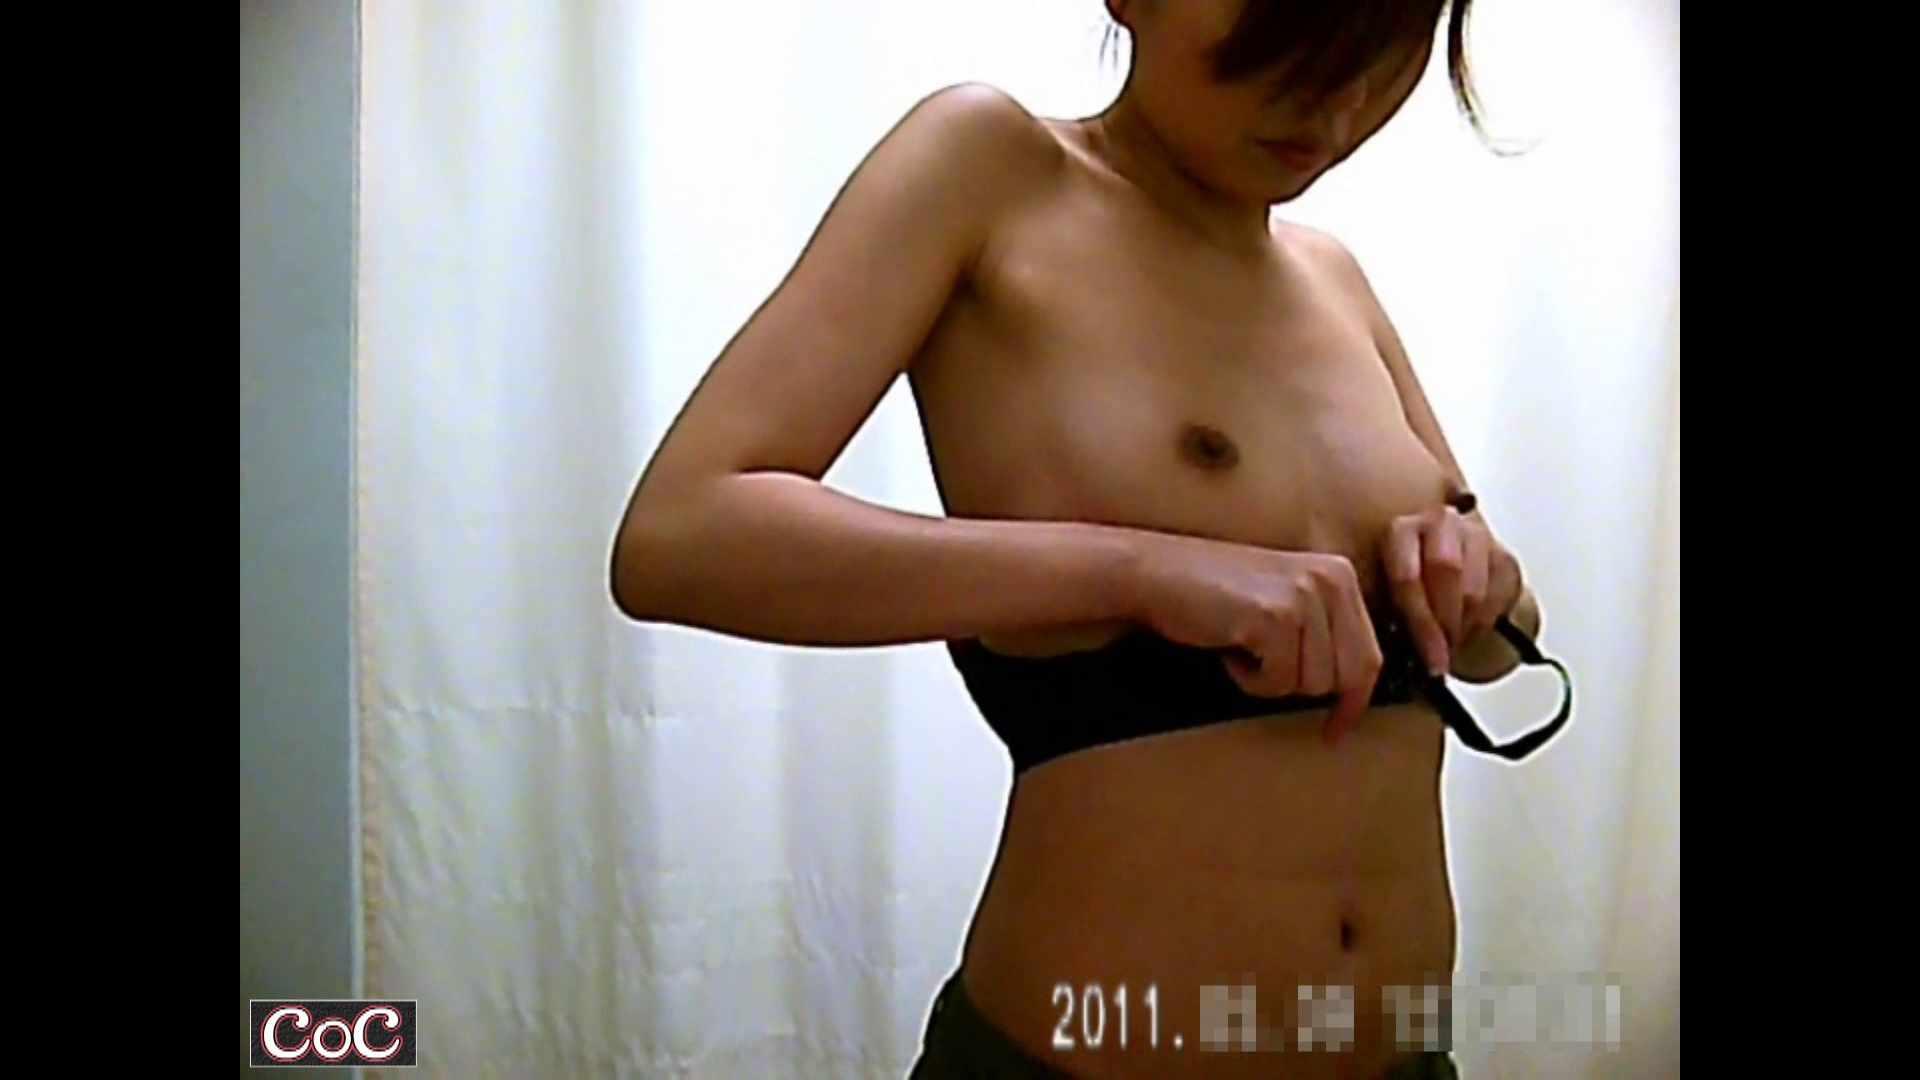 元医者による反抗 更衣室地獄絵巻 vol.173 OLハメ撮り  77Pix 65